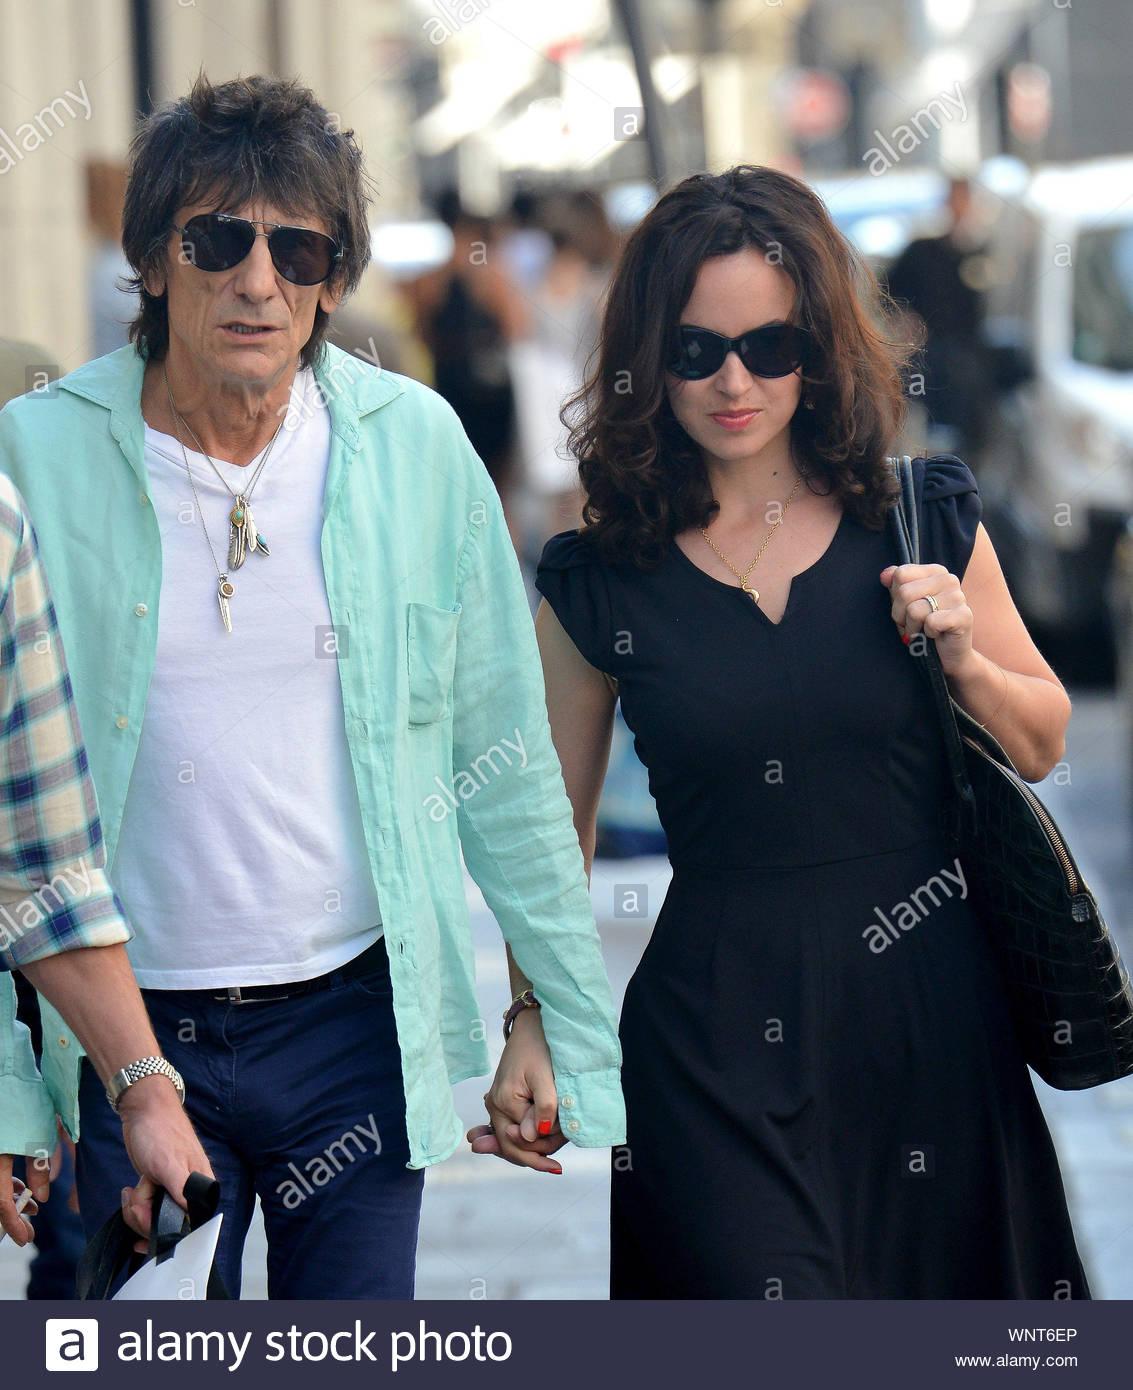 super kvalitet fånga säljs över hela världen Paris, France - Rolling Stone rocker Ron Wood and wife Sally ...